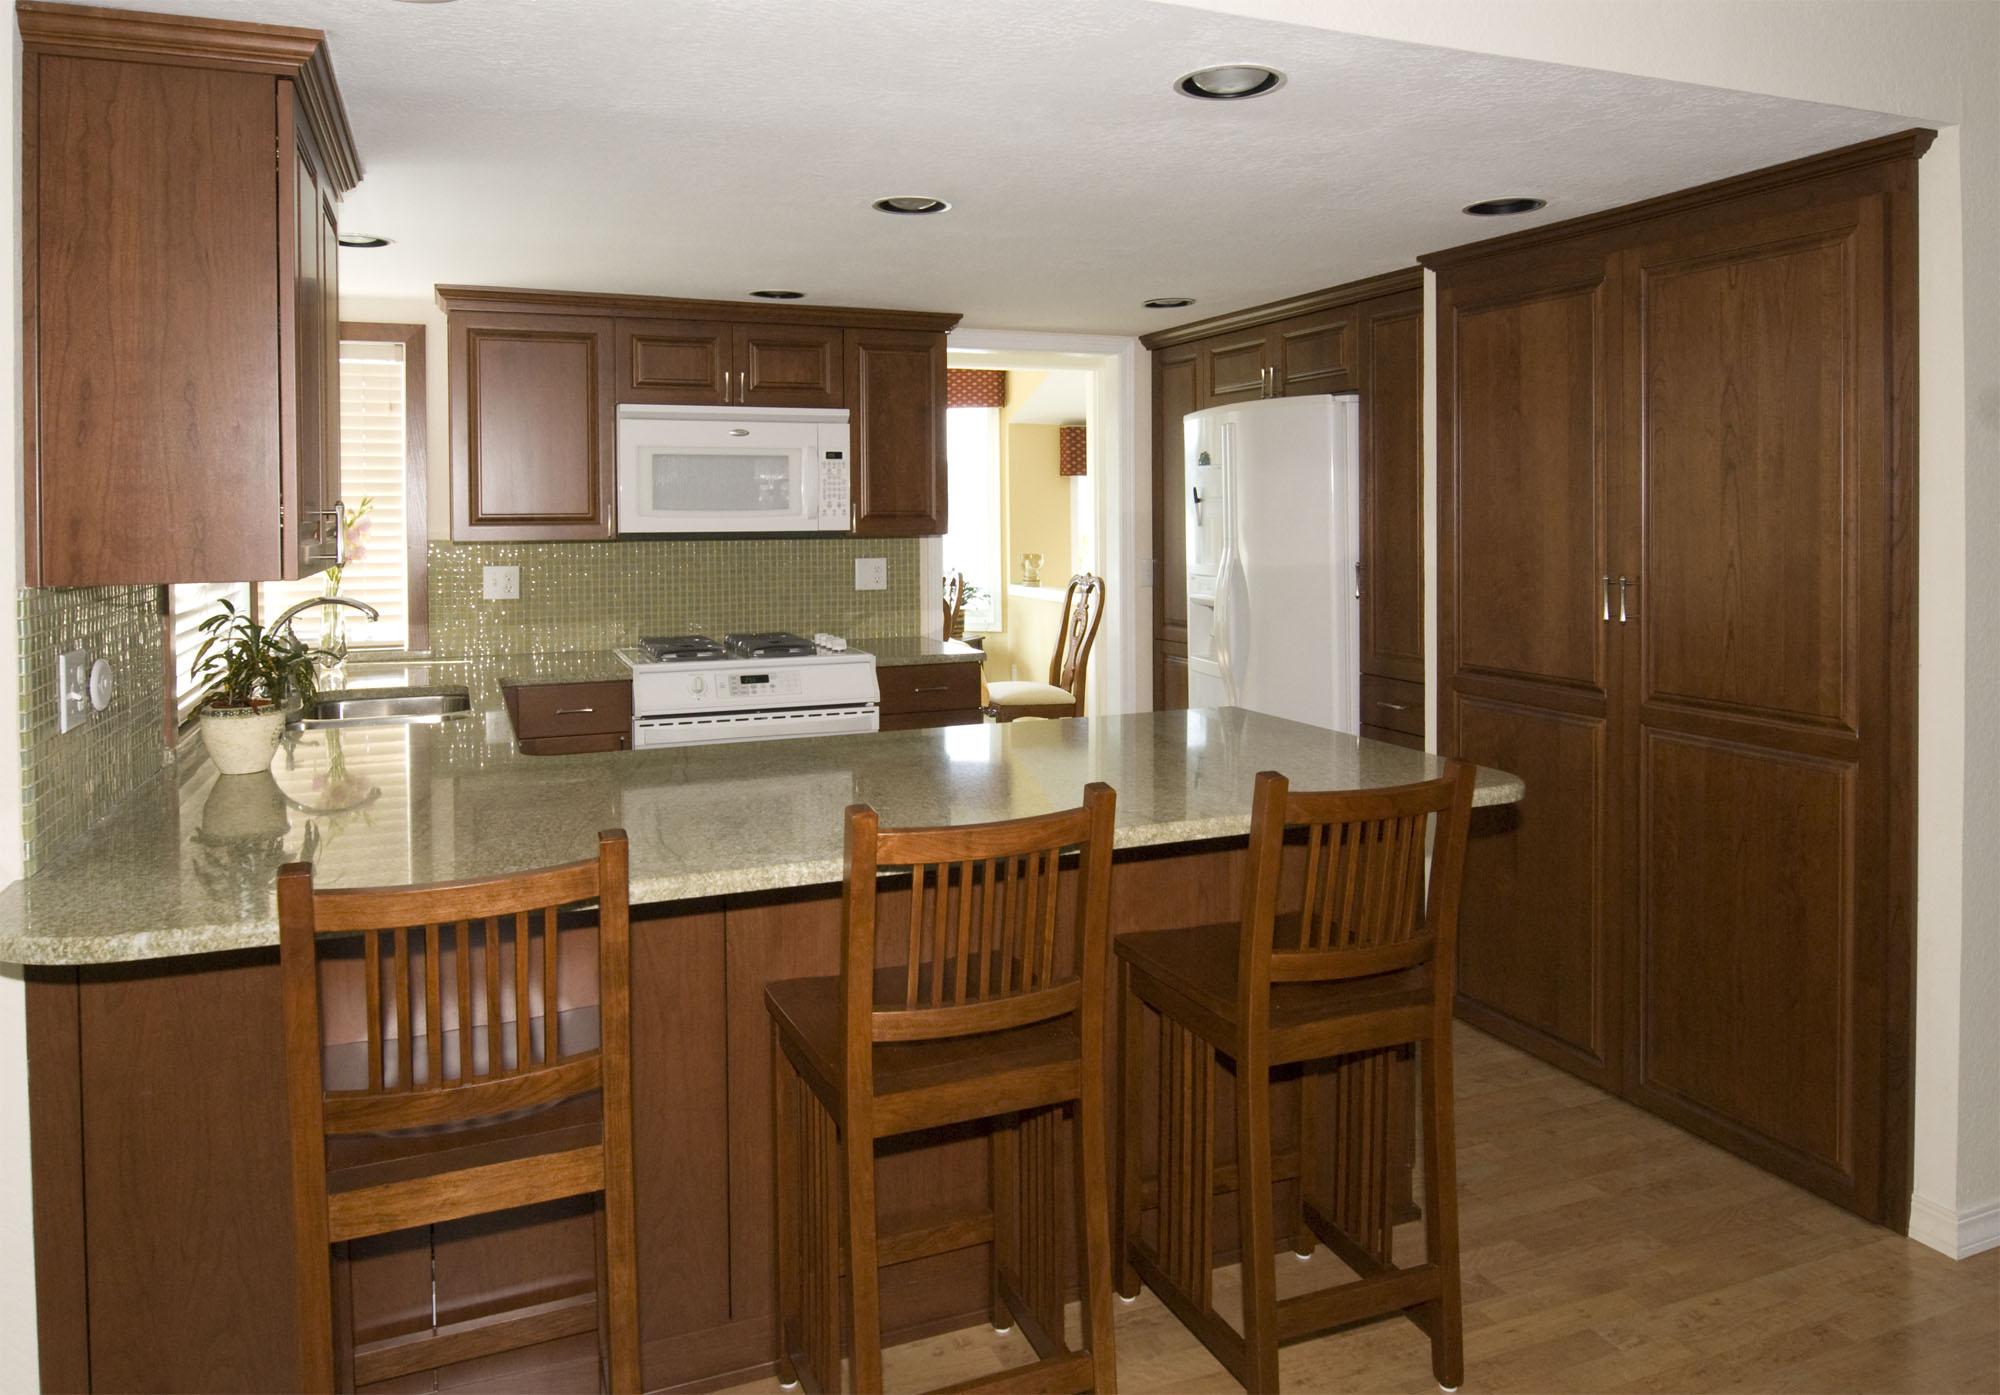 4 foot kitchen island - Zion Star